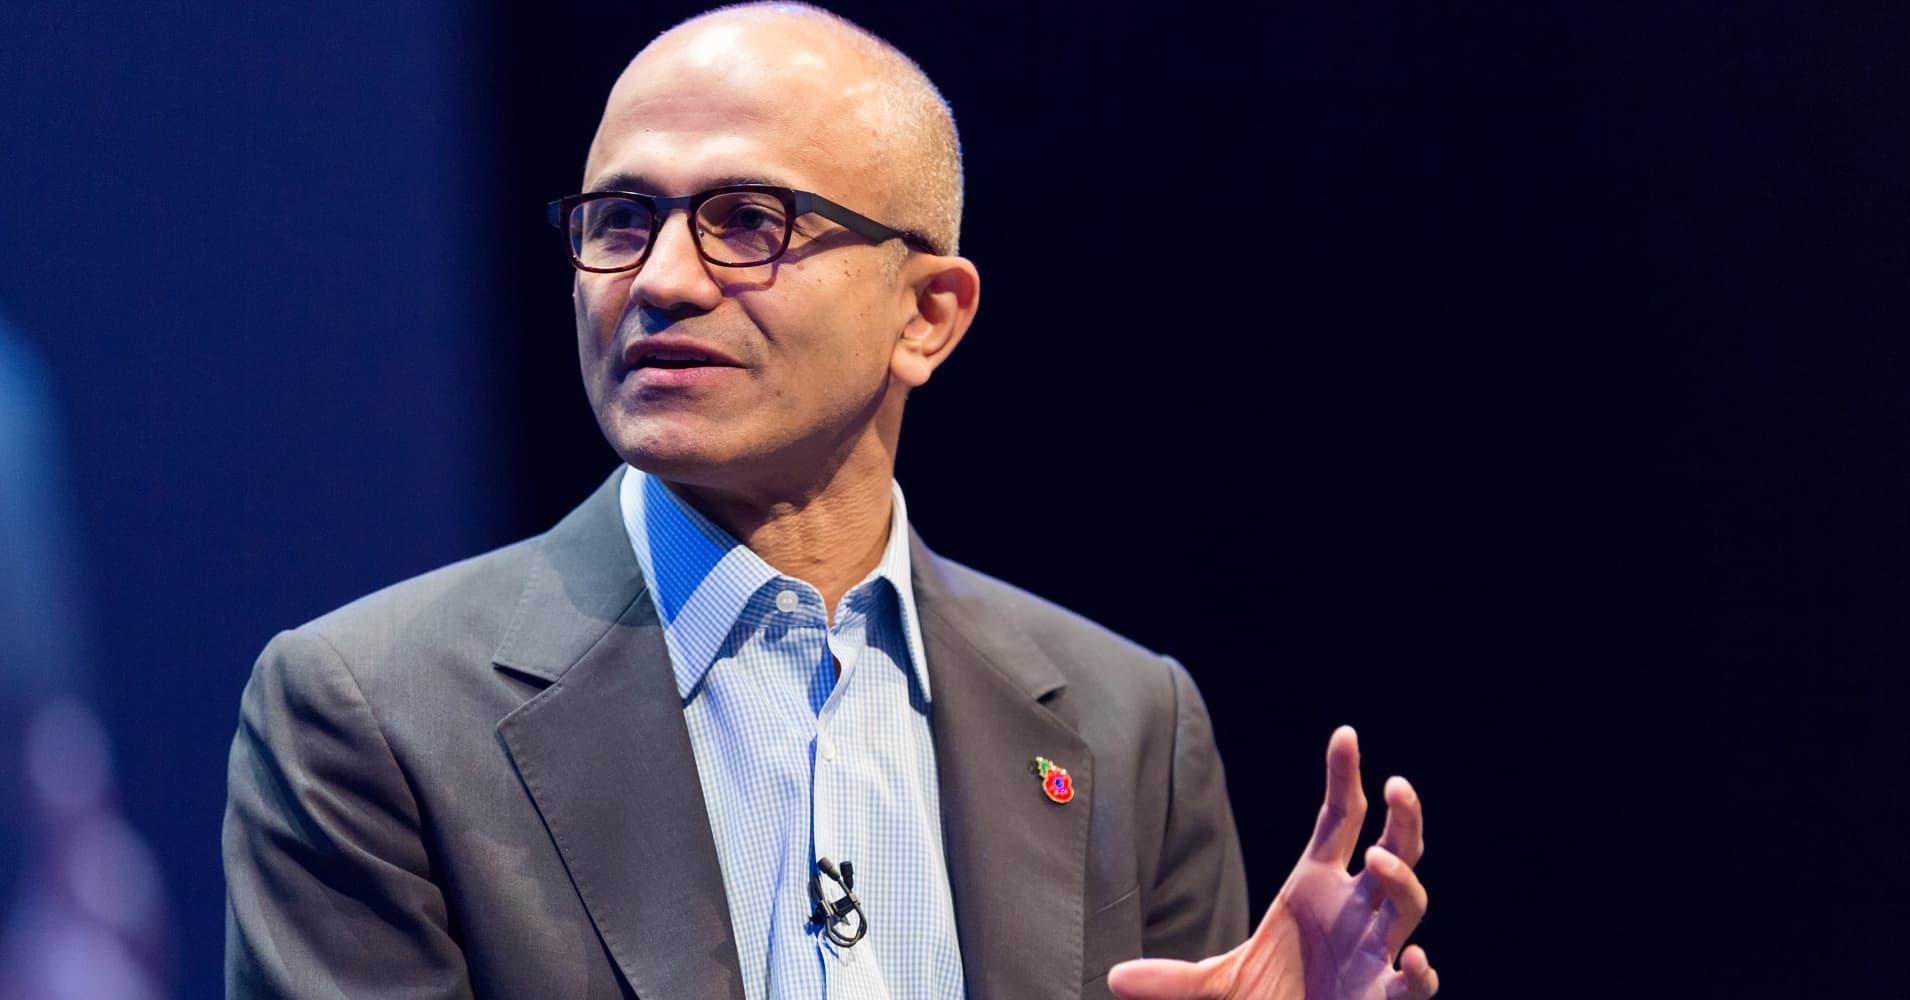 Microsoft CEO Satya Nadella at a company conference in London in November 2014.